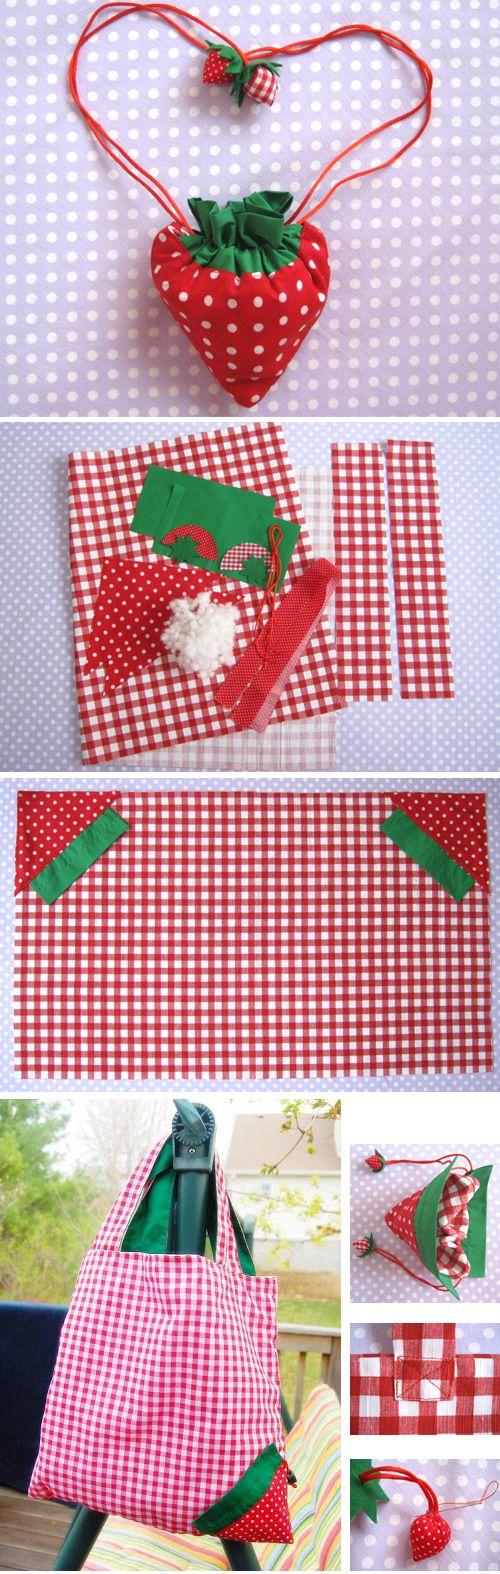 Strawberry Shopper Bag Tutorial www.handmadiya.co...